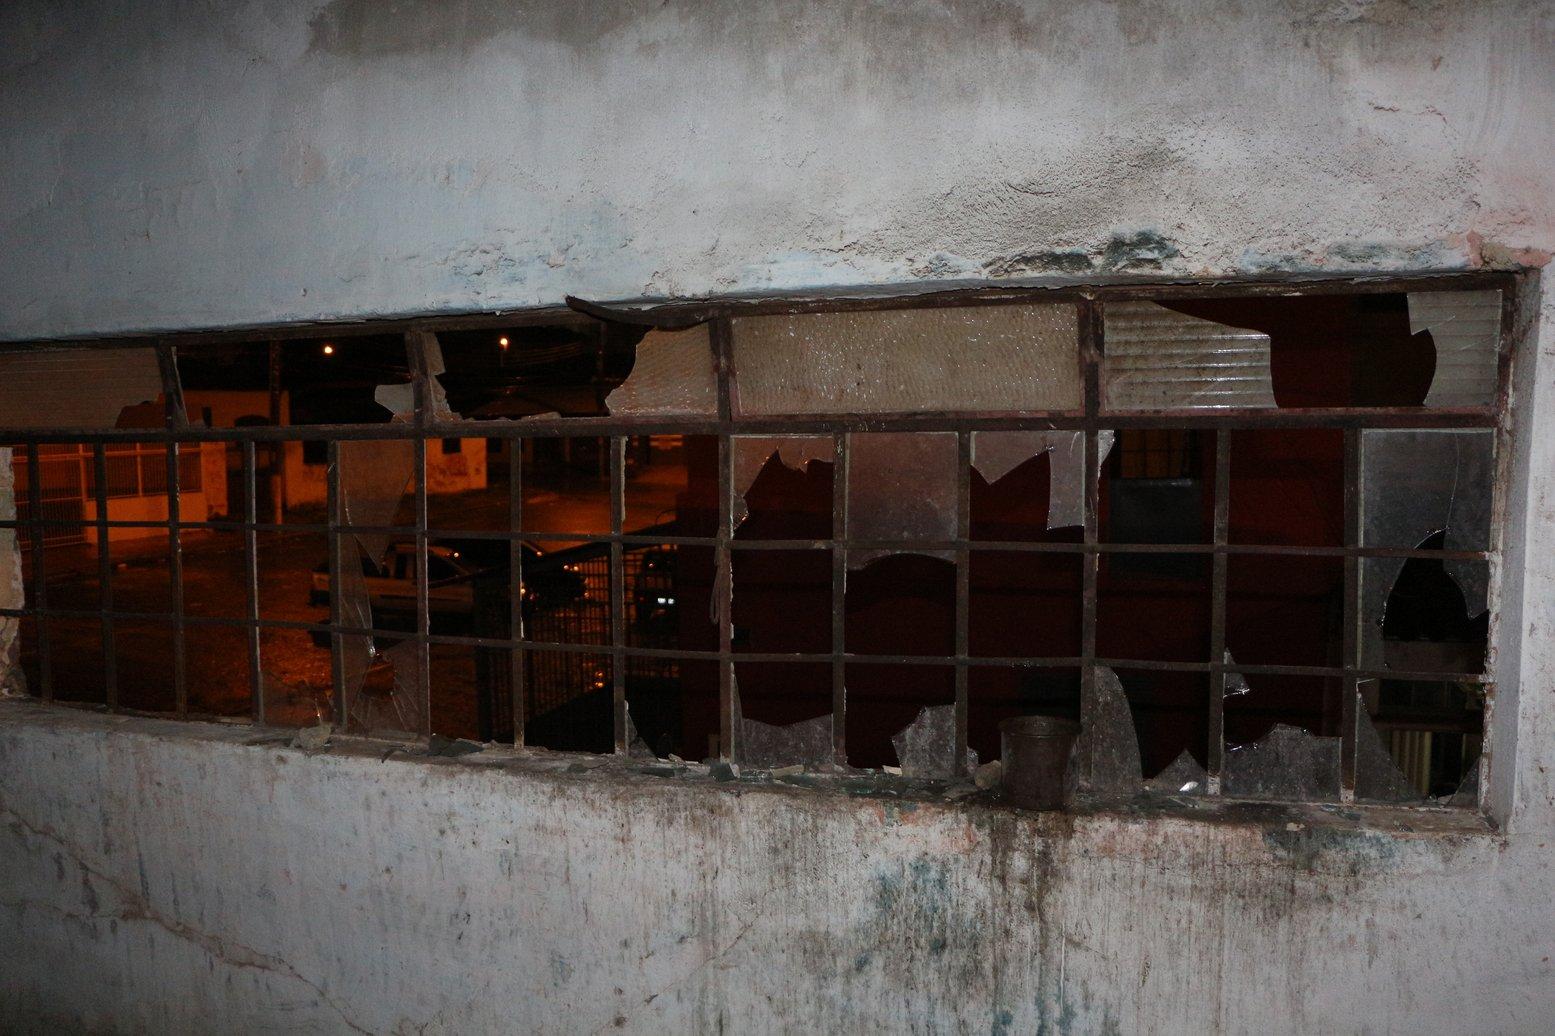 Situação dos imóveis abandonados. Foto: arquivo MSV